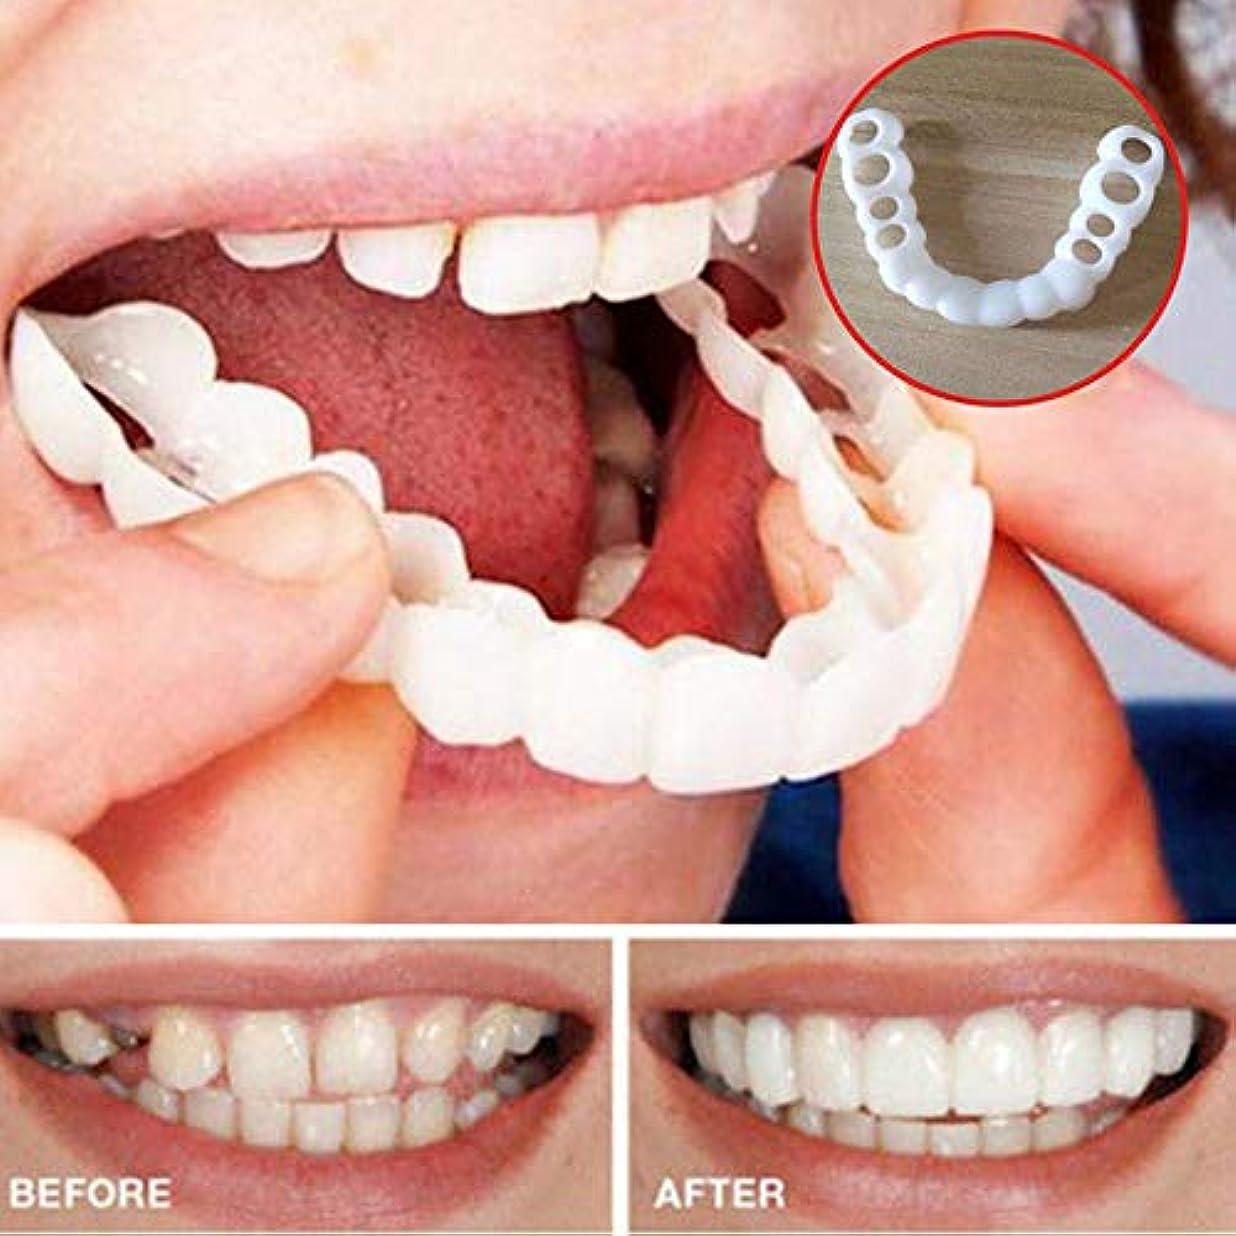 絶えず期待する暗唱するシリコンシミュレーション歯ホワイトニングブレース(2個),Upper